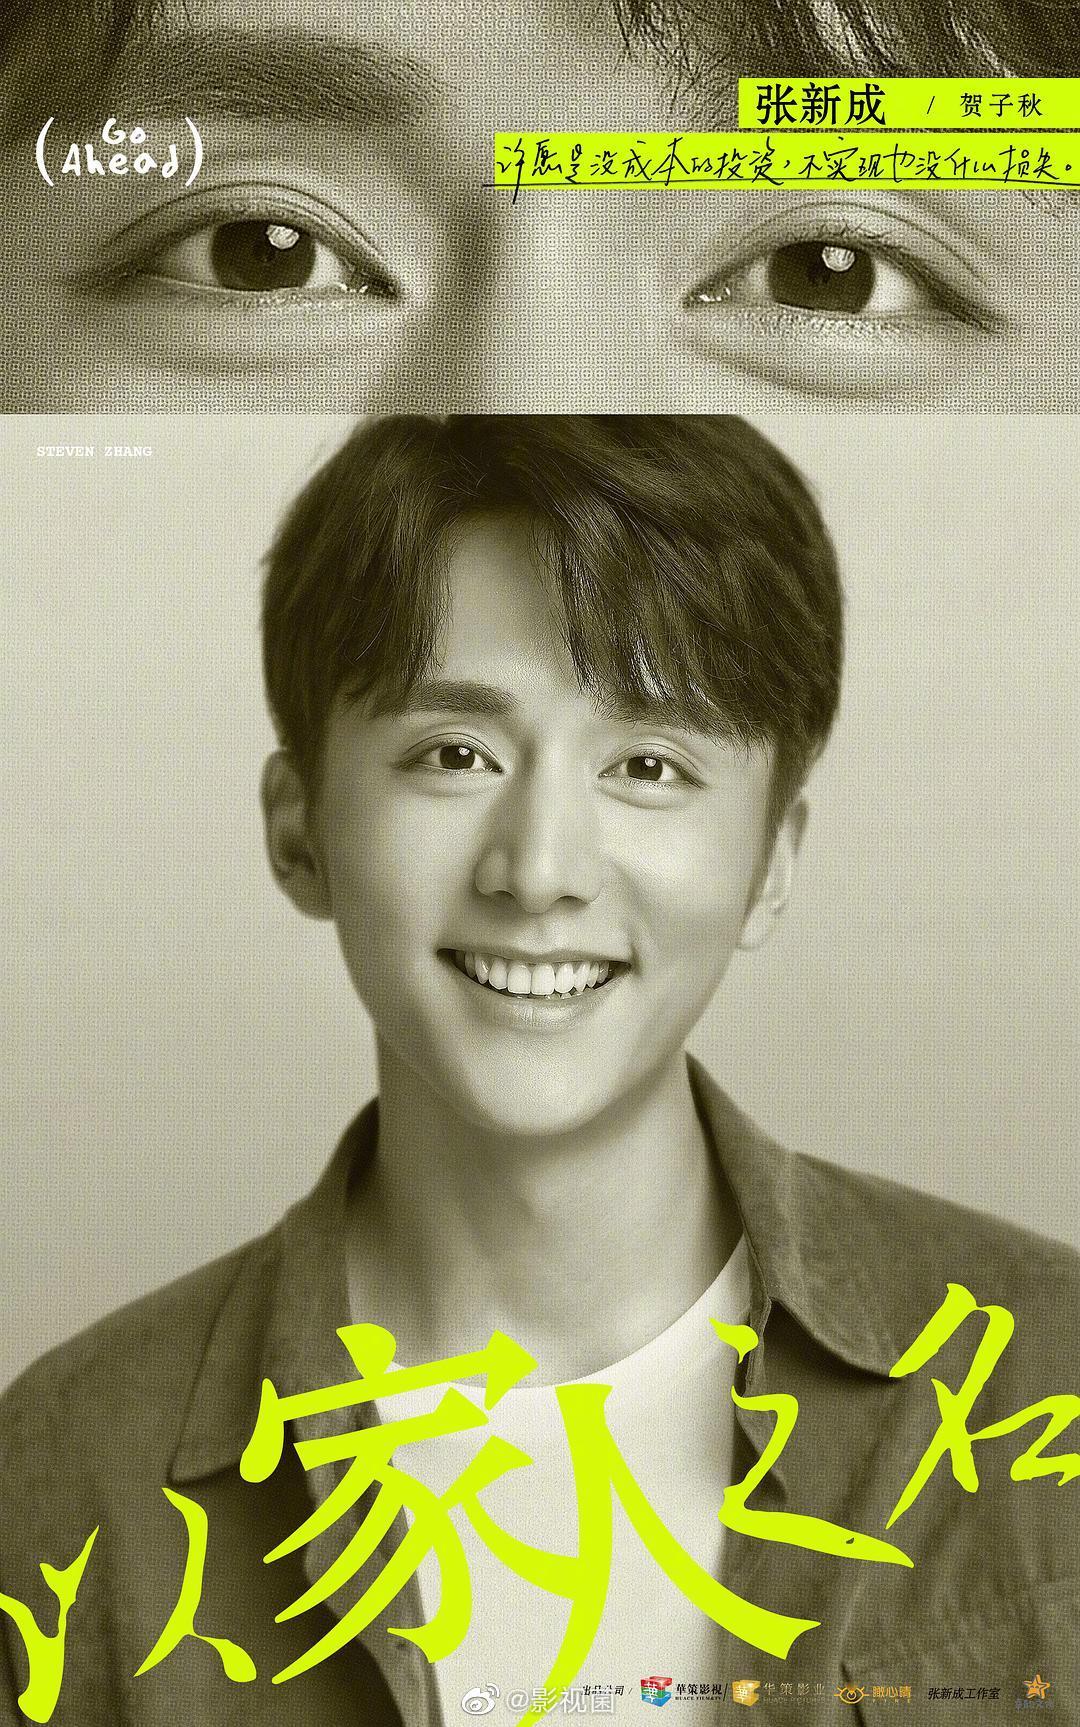 张新成、宋威龙、谭松韵等人主演的电视剧《以家人之名》预计将于8月1